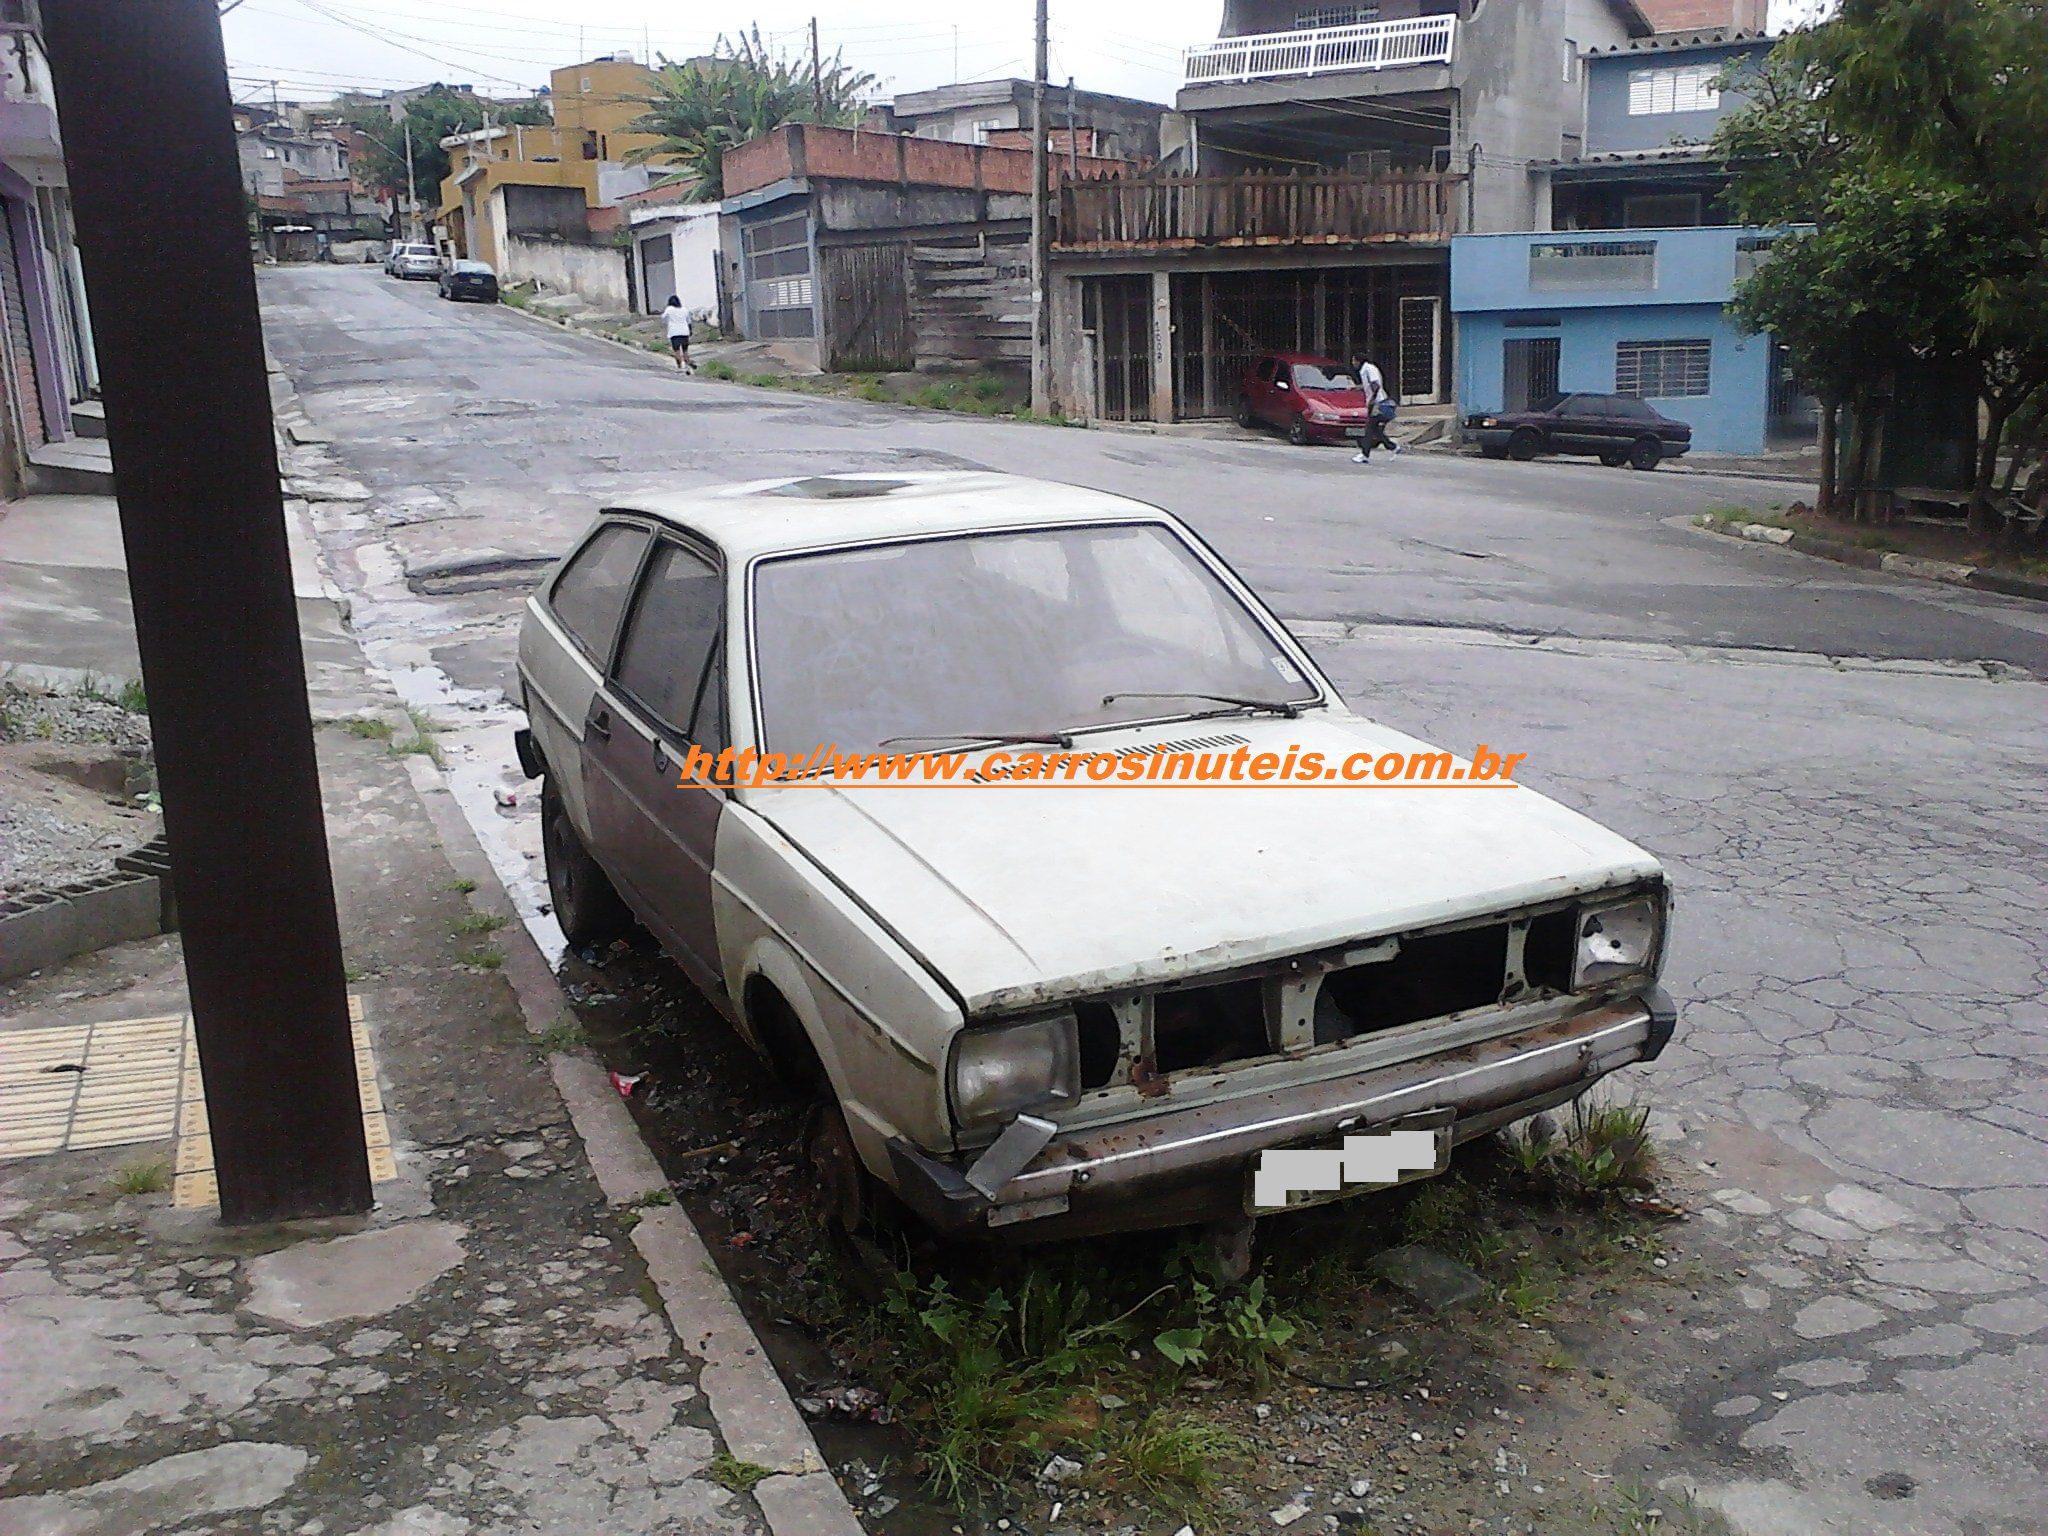 vw-gol-sp-capital-foto-de-Rodolfo VW Gol, São Paulo, SP, by Rodolfo